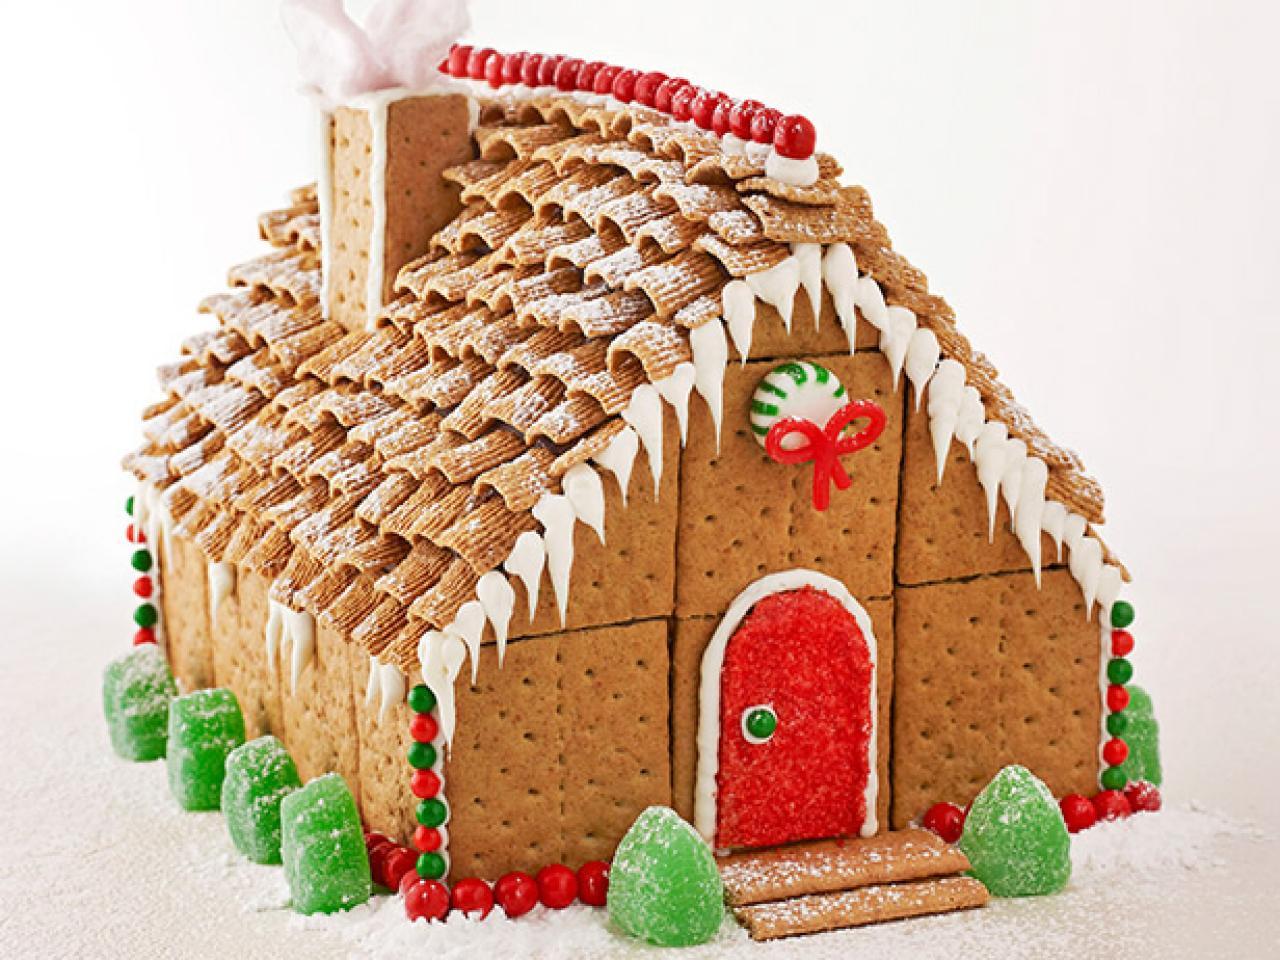 Ginger Cakes Bake Shop